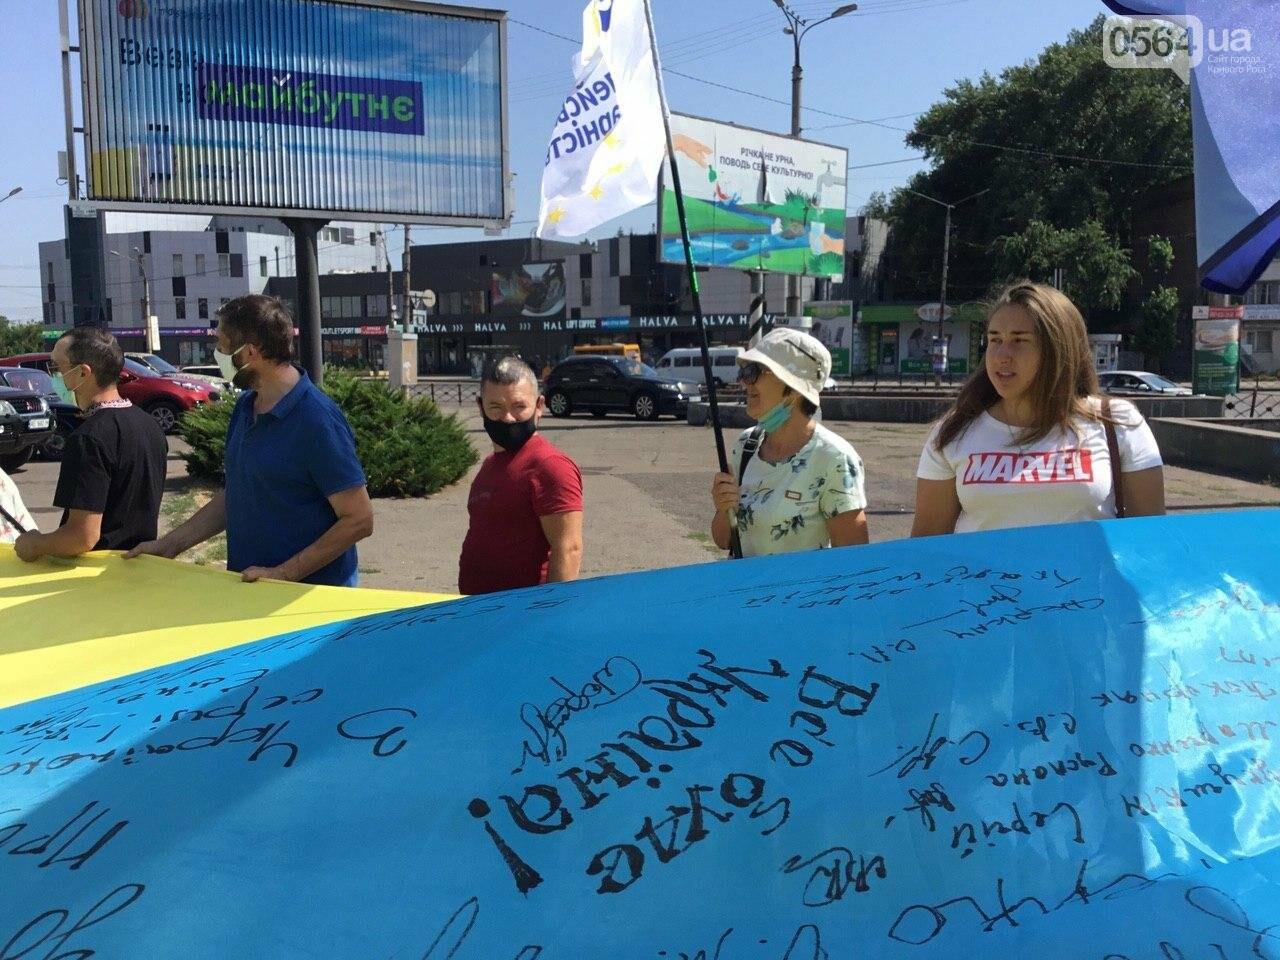 """""""Українці - брати, Разом ми - сила!"""", - какие пожелания и призывы написали криворожане на Знамени Единства, - ФОТО, ВИДЕО, фото-10"""